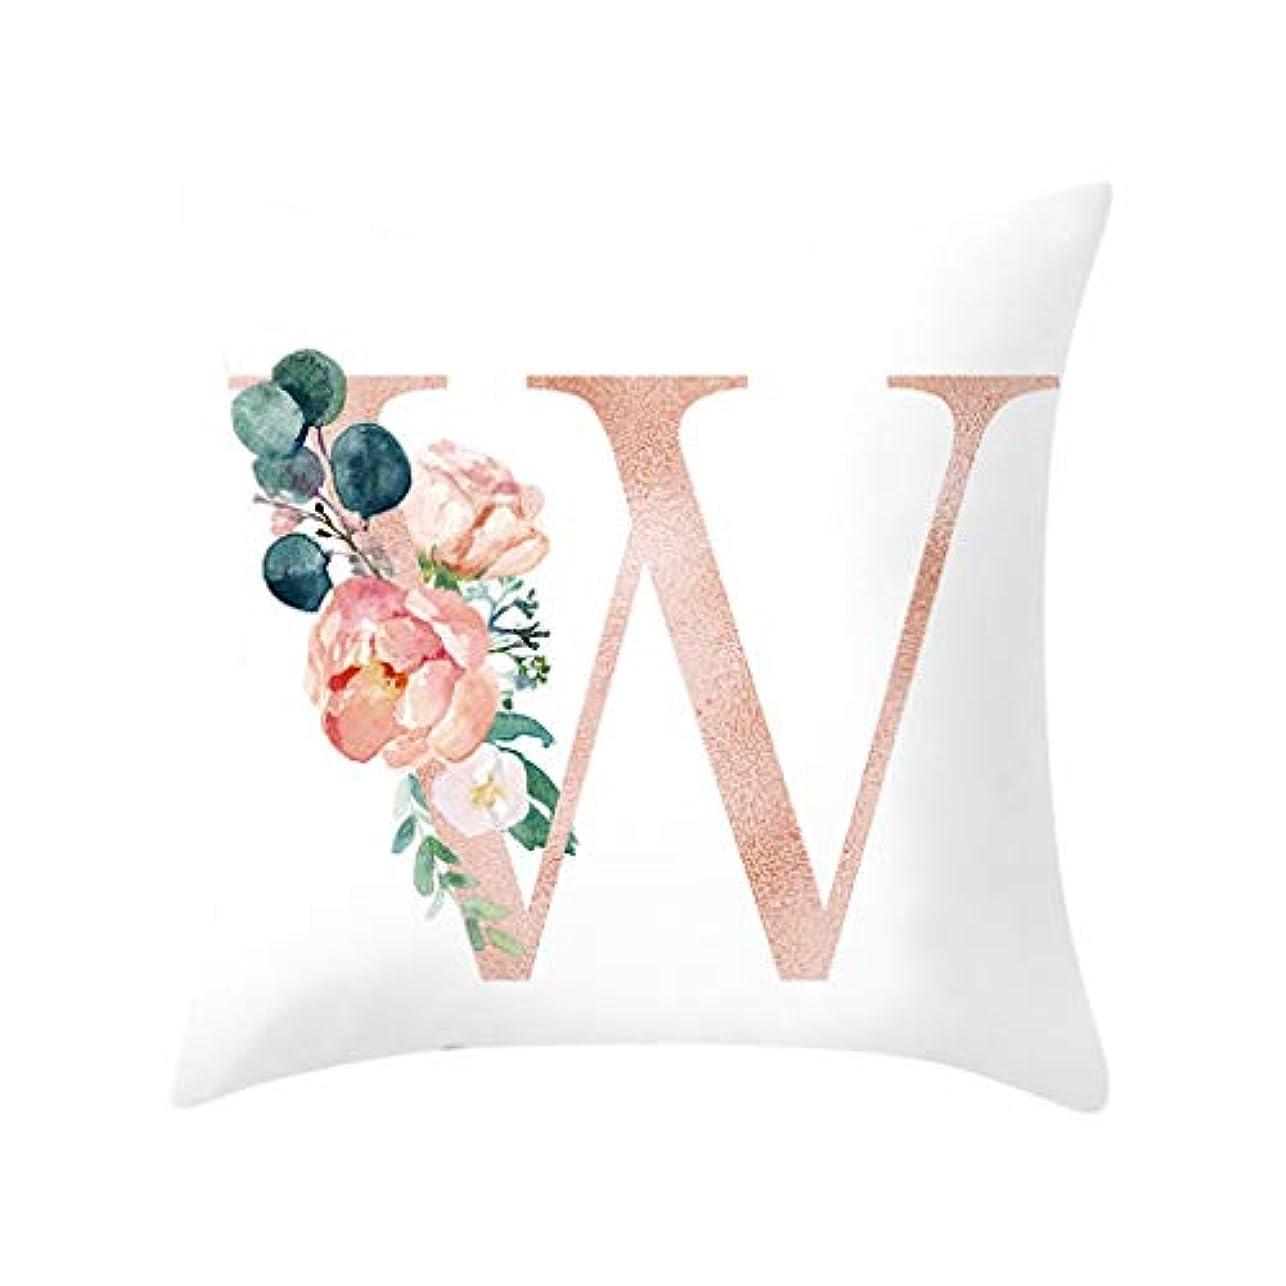 落ち着いたイースターハムLIFE 装飾クッションソファ手紙枕アルファベットクッション印刷ソファ家の装飾の花枕 coussin decoratif クッション 椅子